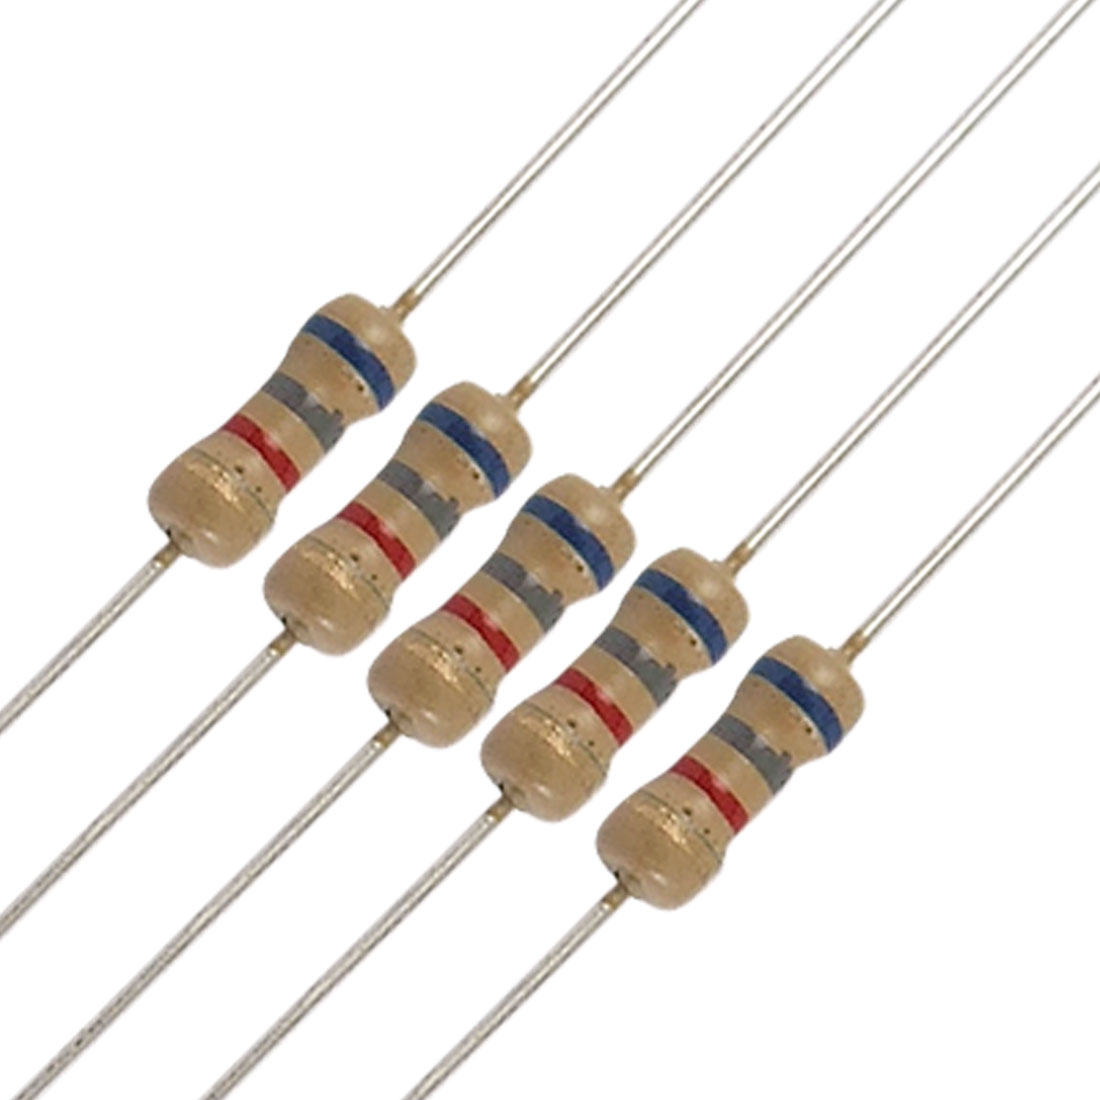 50 x 1/4W 250V 6.8K Ohm 6K8 Axial Carbon Film Resistors